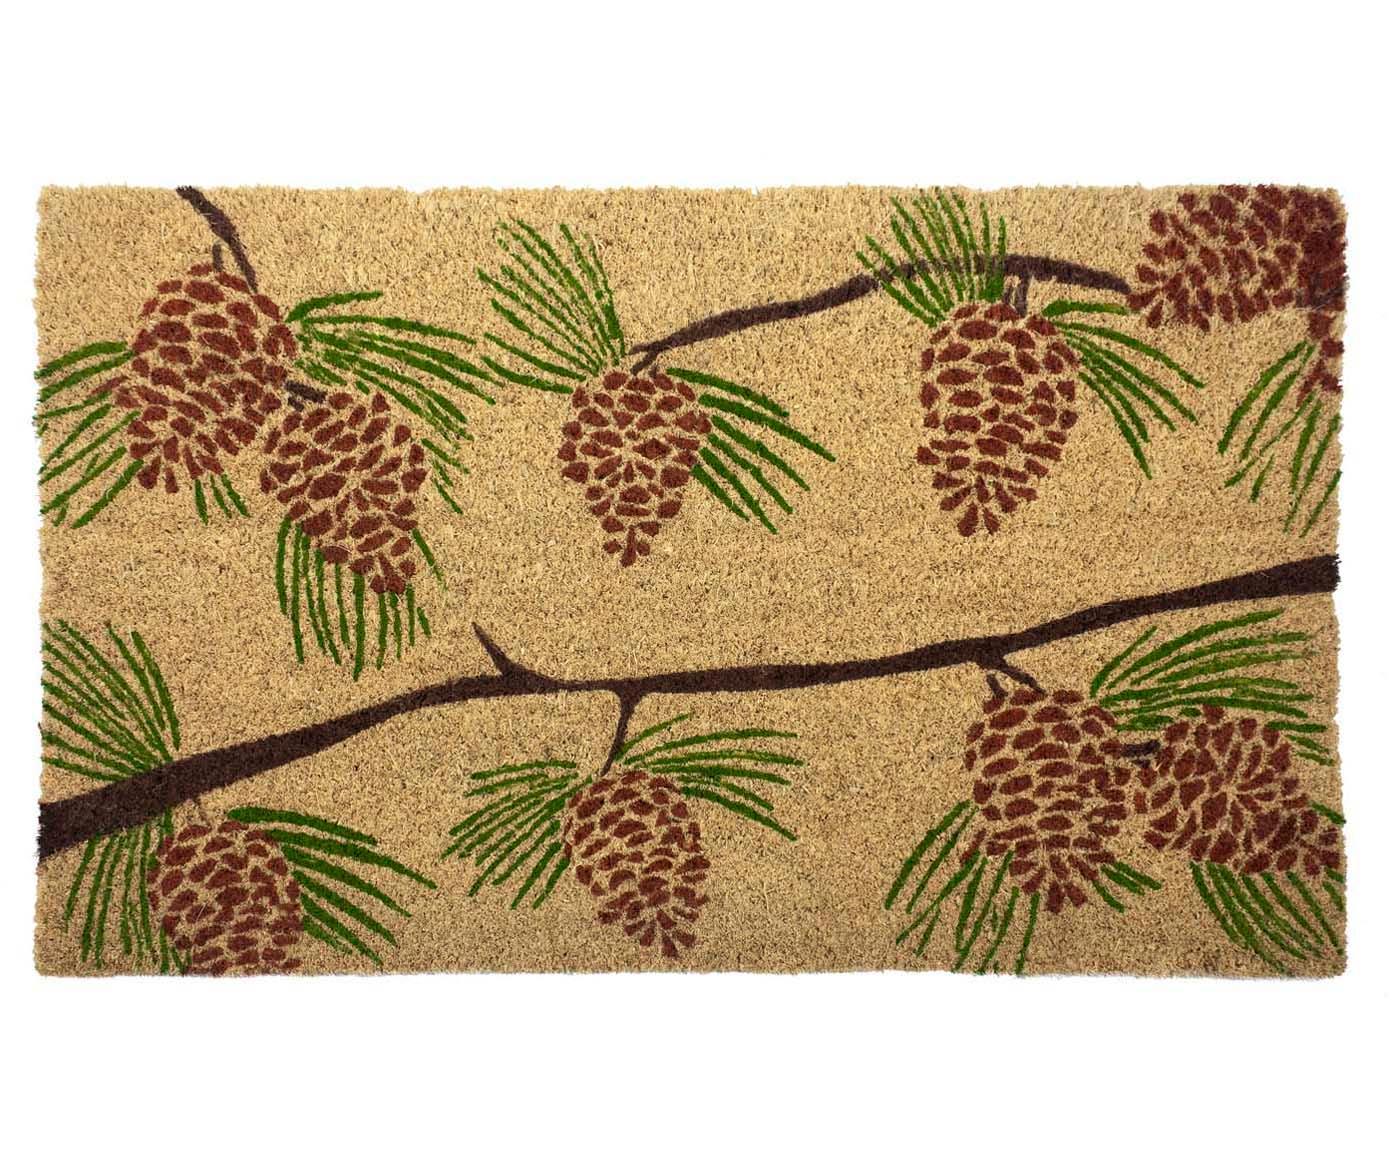 Fussmatte Pine Cones, Oberseite: Kokosfasern, Unterseite: PVC, Beige, Grün, Rot, Braun, 43 x 70 cm